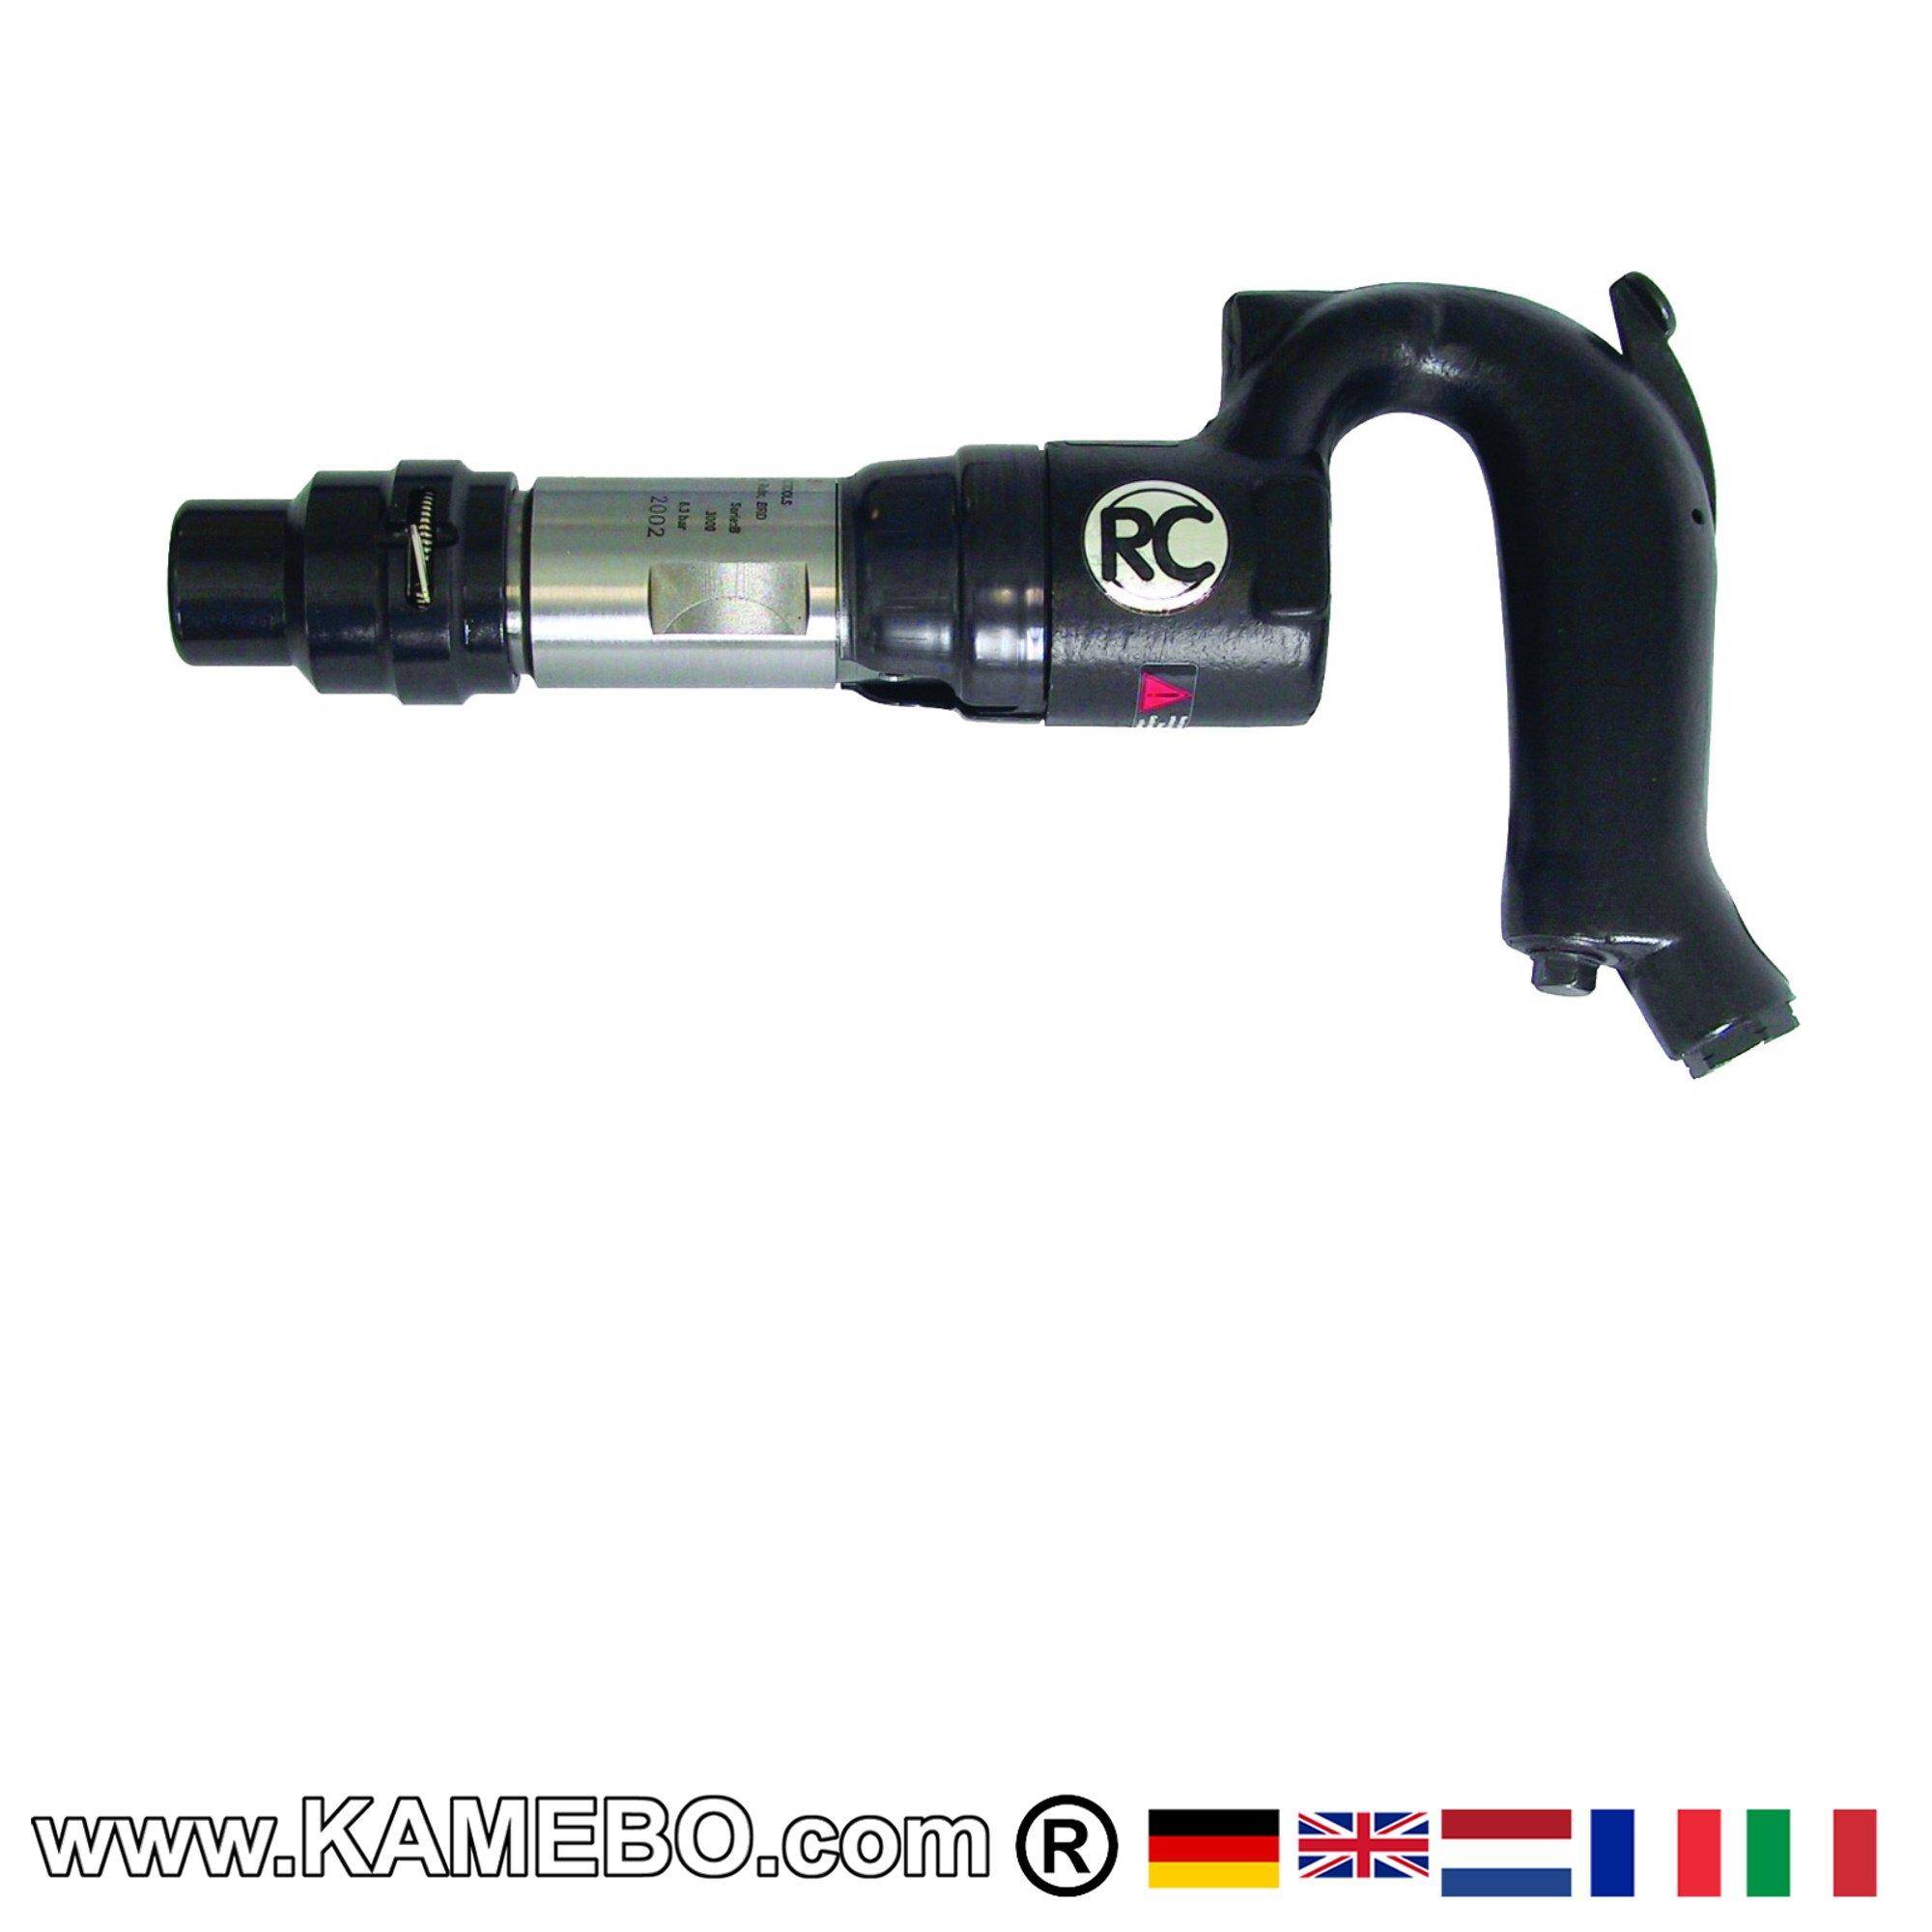 Rodcraft marteau burineur pneumatique rc5305 kamebo - Marteau burineur pneumatique ...